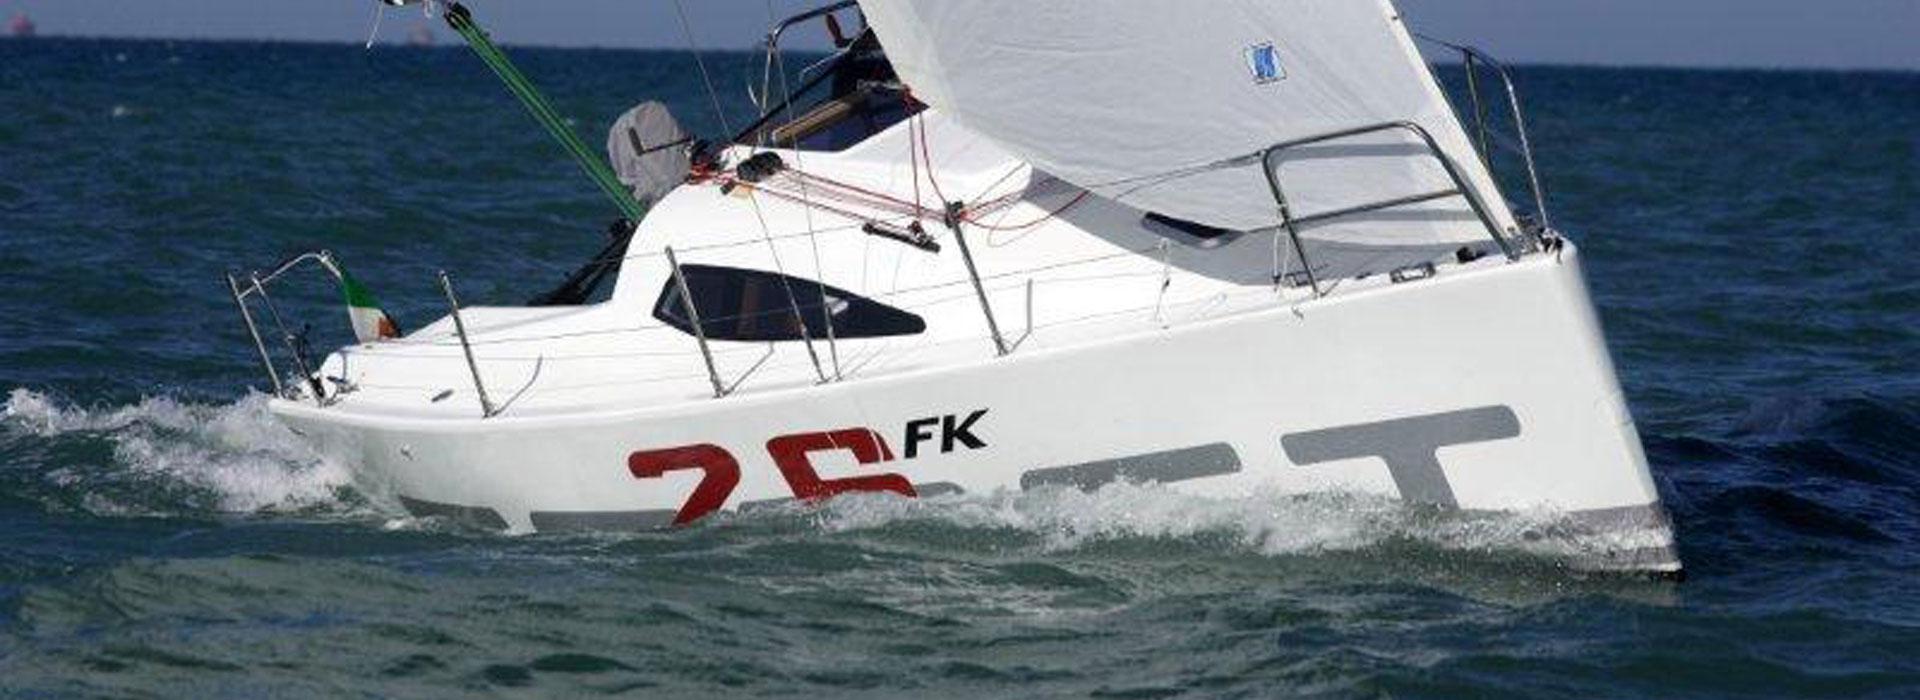 c26-navigazione